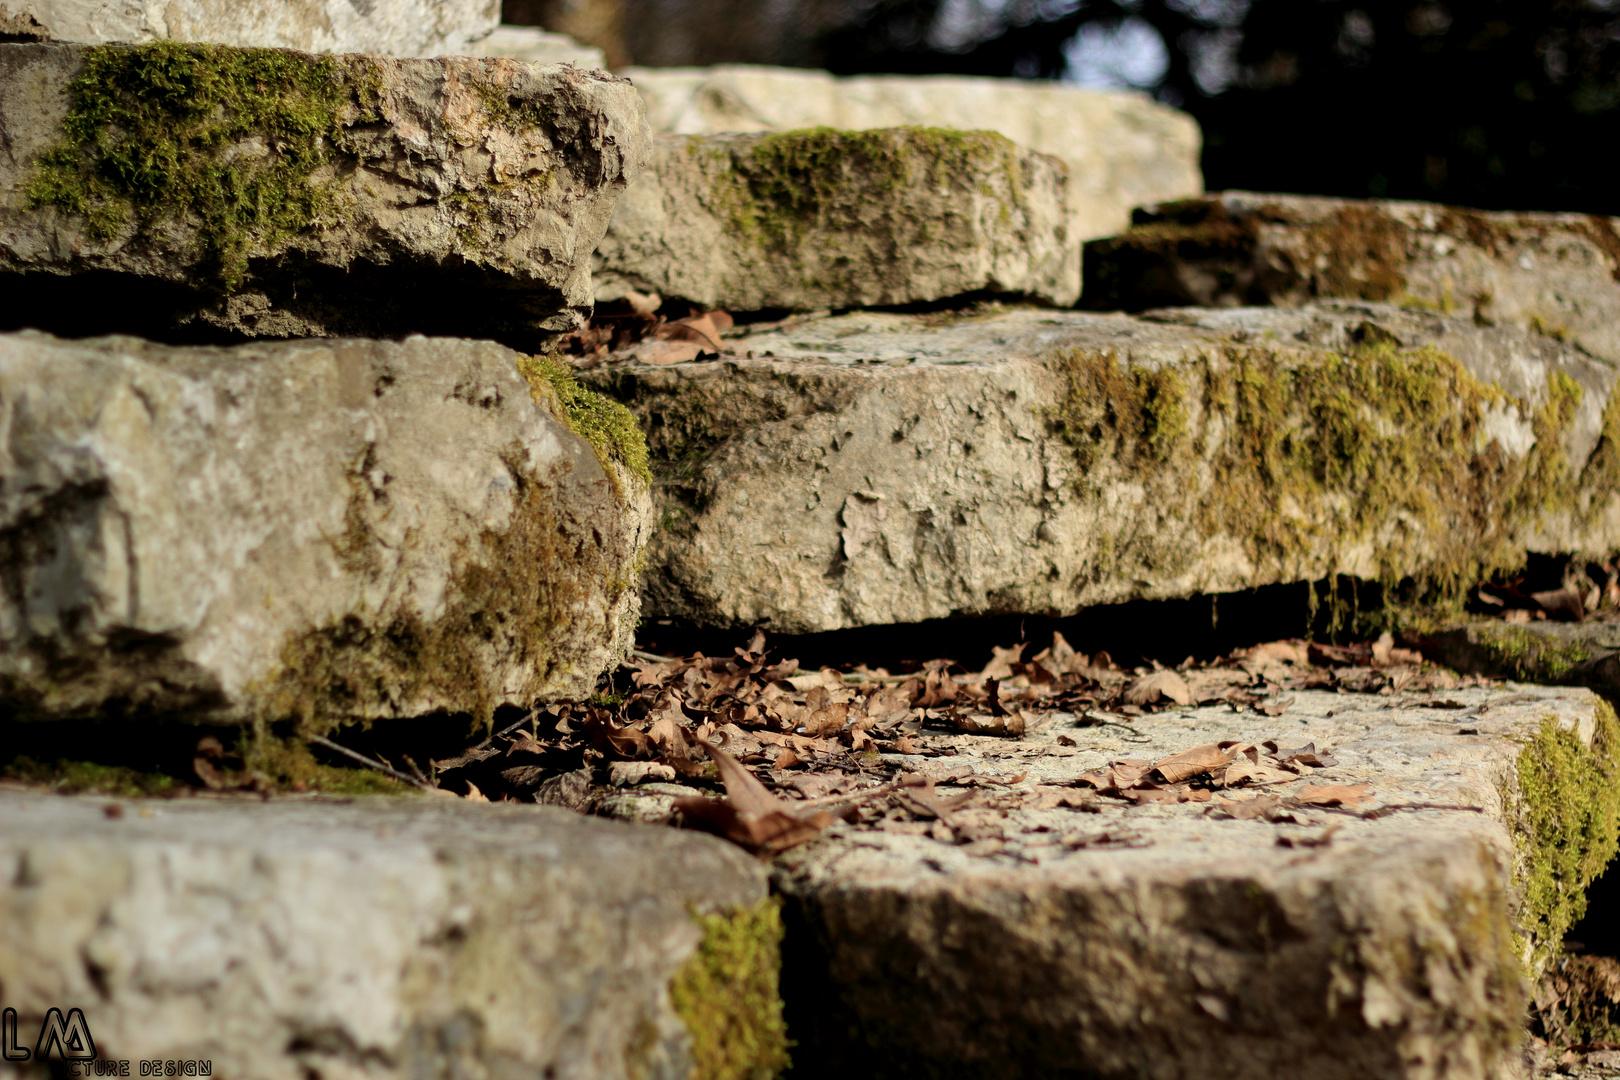 kein Stein bleibt verschont